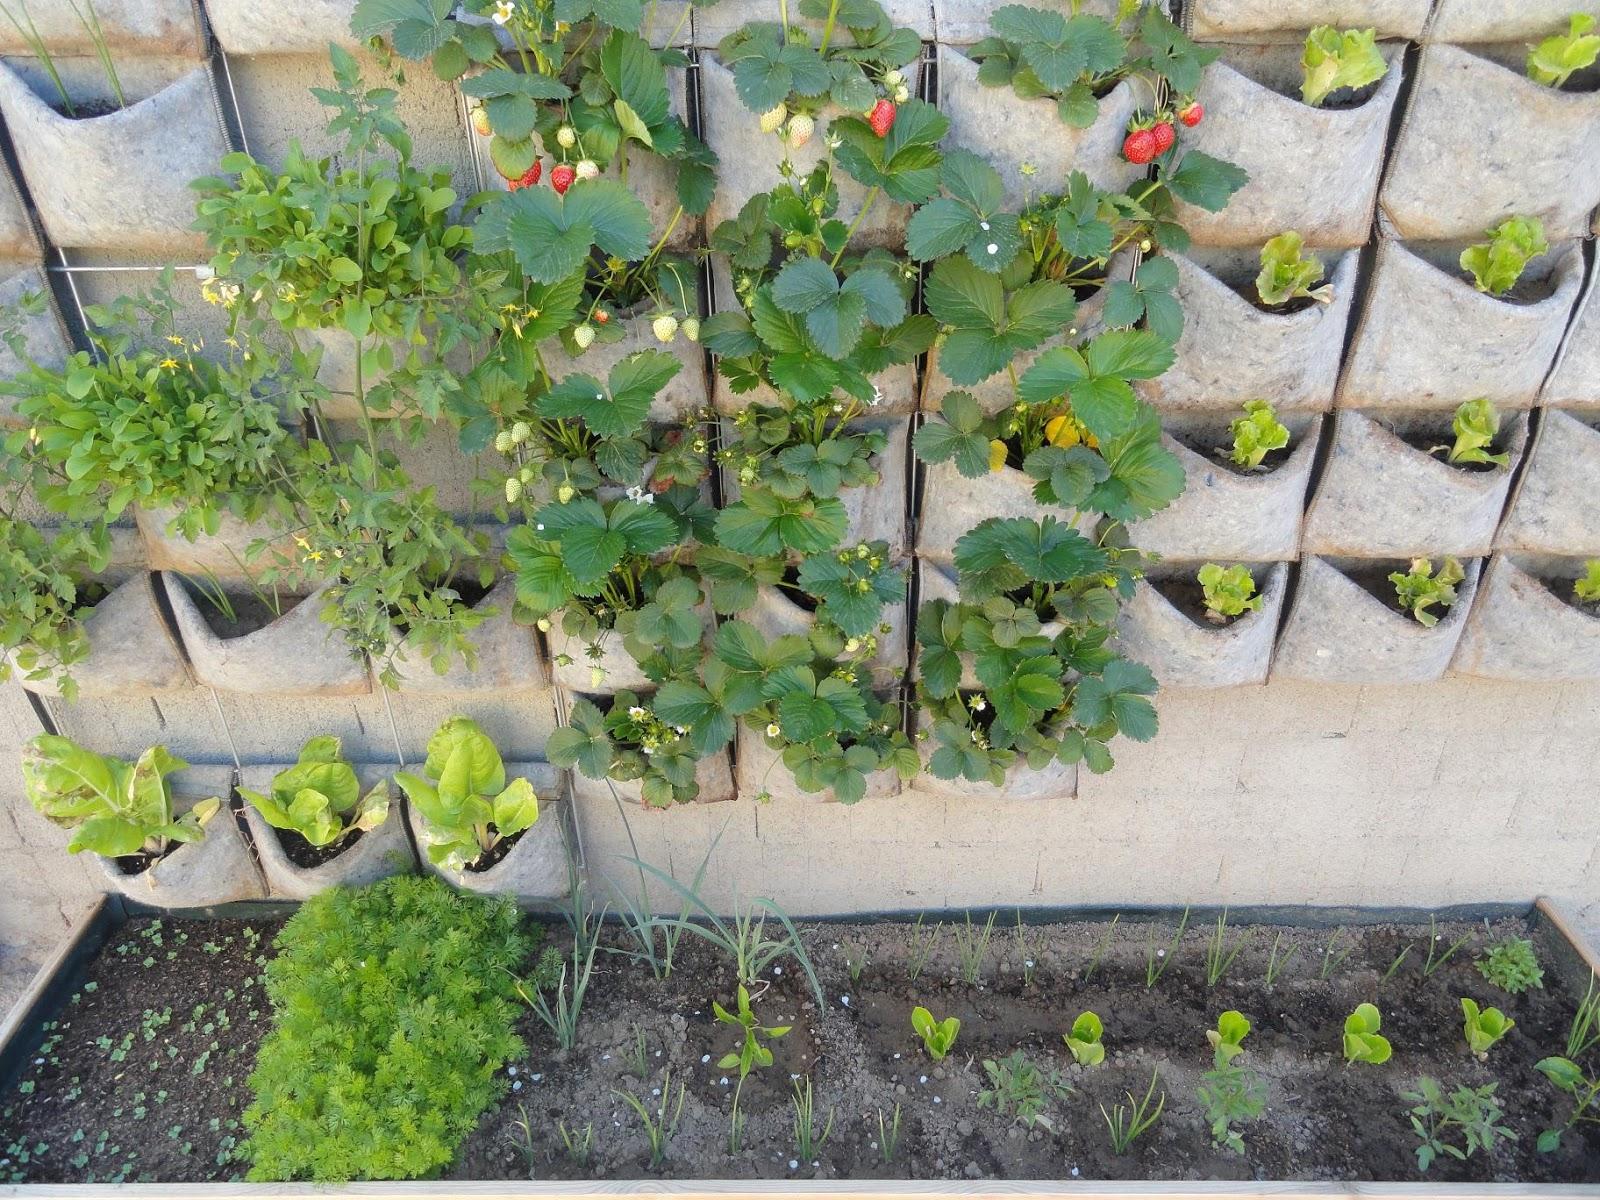 Huerta y jard n producir frutas verduras o plantas arom ticas en casa es posible con los - Huerto en casa ikea ...